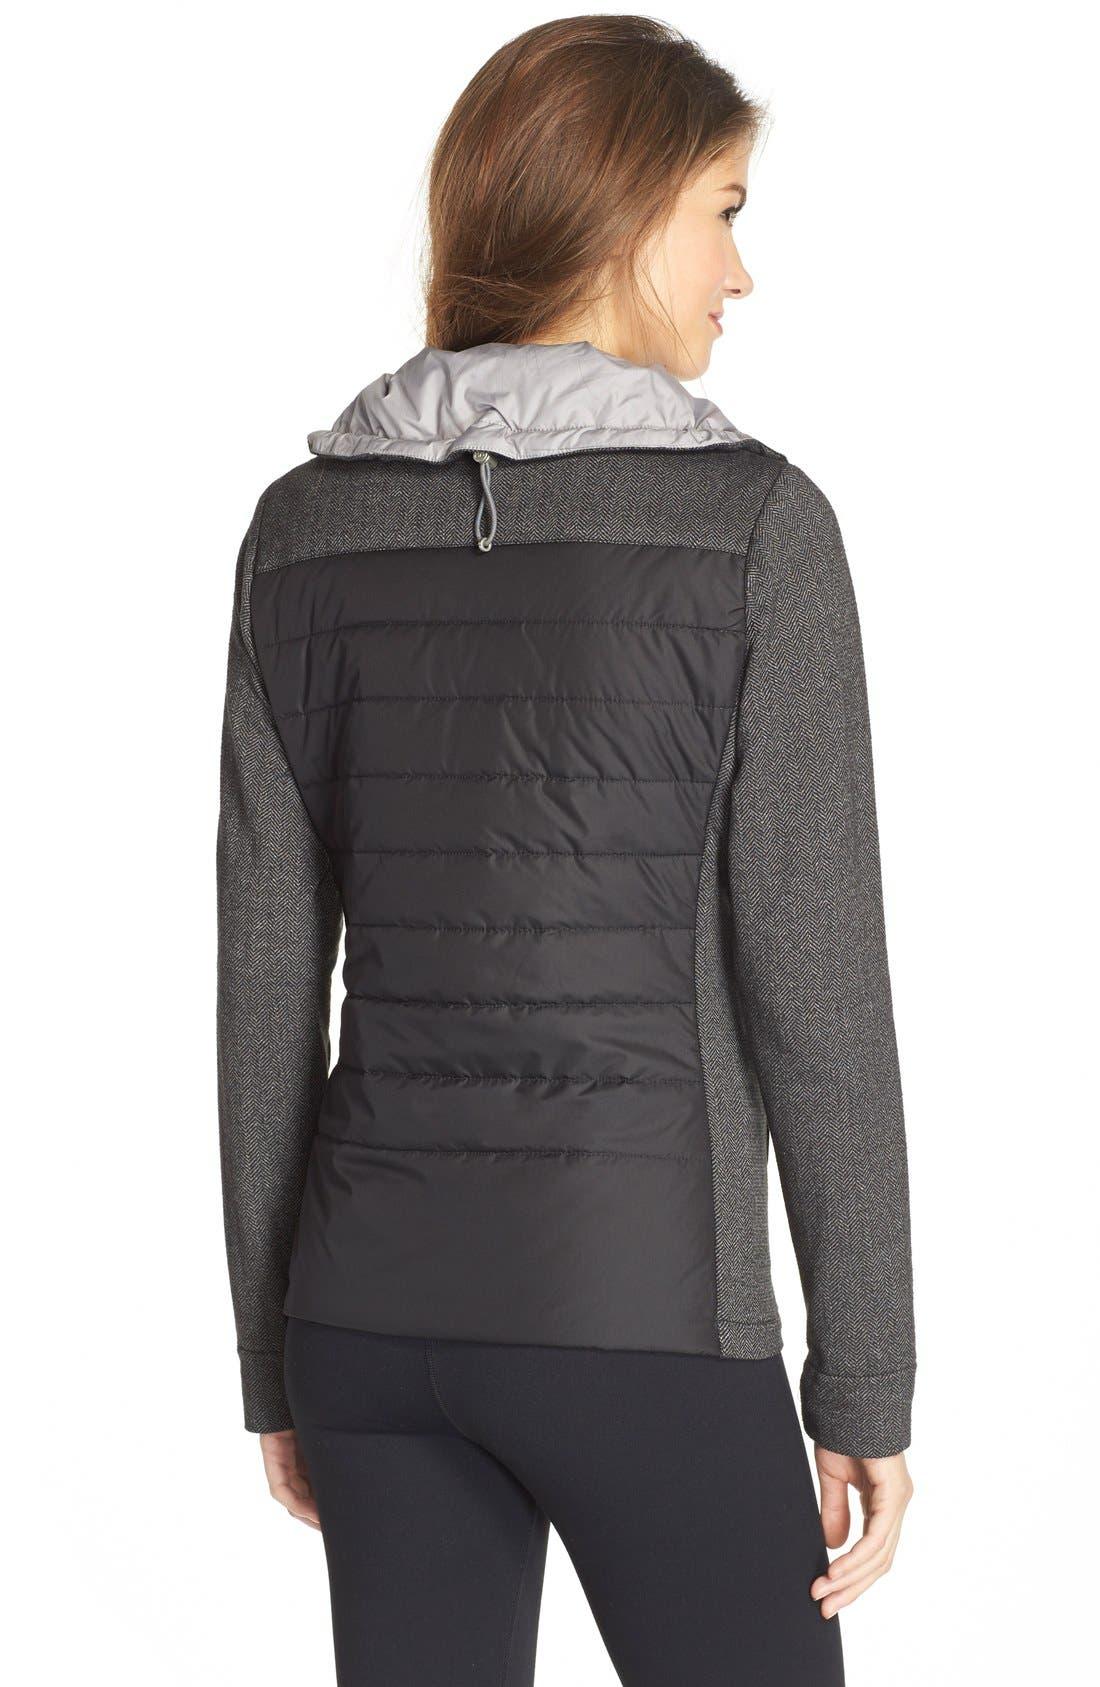 Alternate Image 2  - HellyHansen 'Astra' Jacket